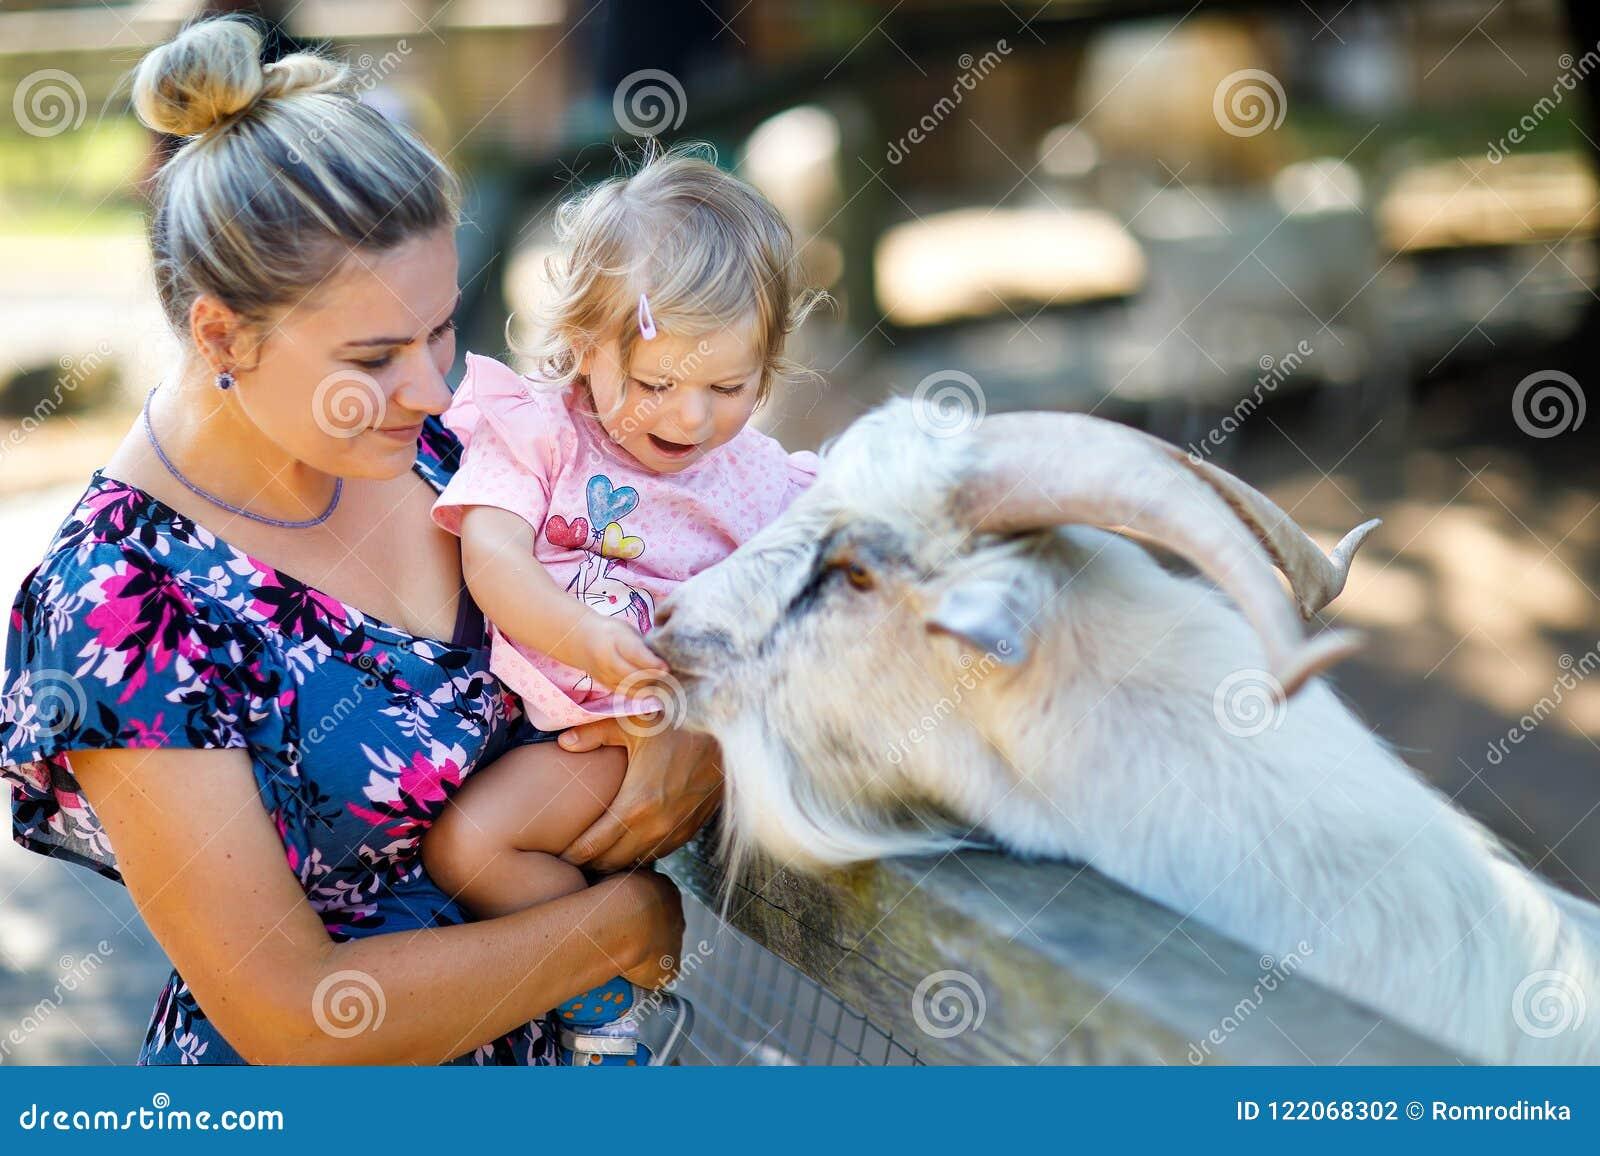 Το λατρευτό χαριτωμένο κορίτσι μικρών παιδιών και η νέα μητέρα που ταΐζουν τις μικρές αίγες και sheeps παιδιά καλλιεργούν Όμορφο